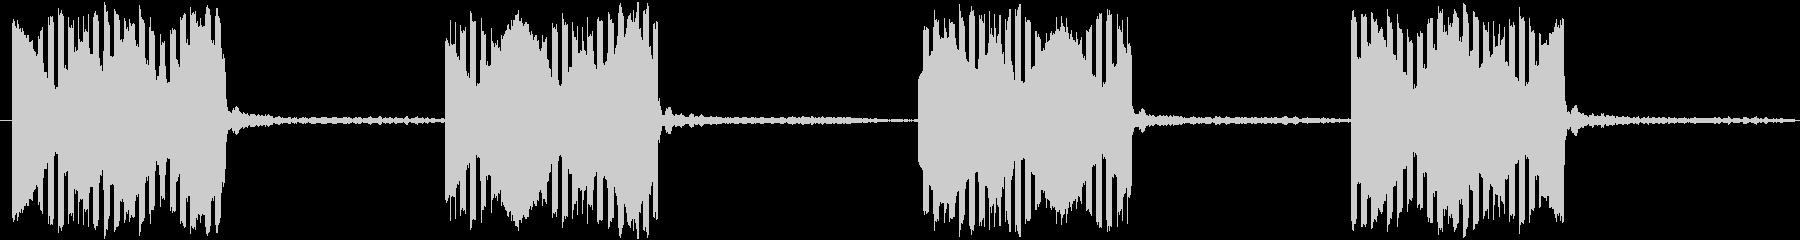 電話の音(固定電話)【2】の未再生の波形